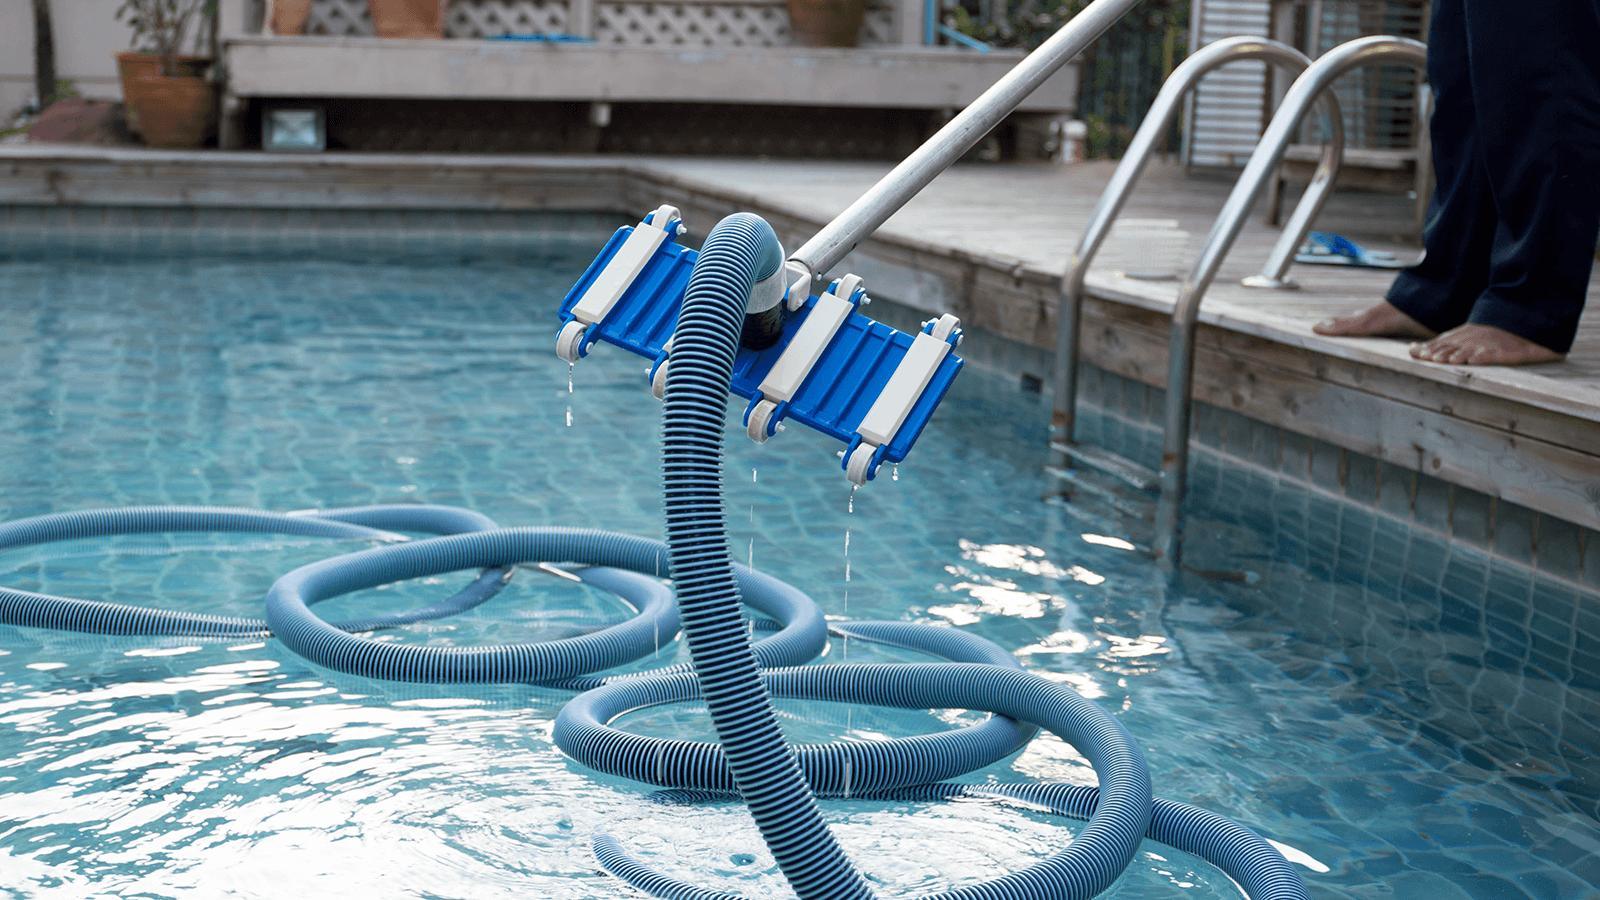 un accessorio per pulire la piscina